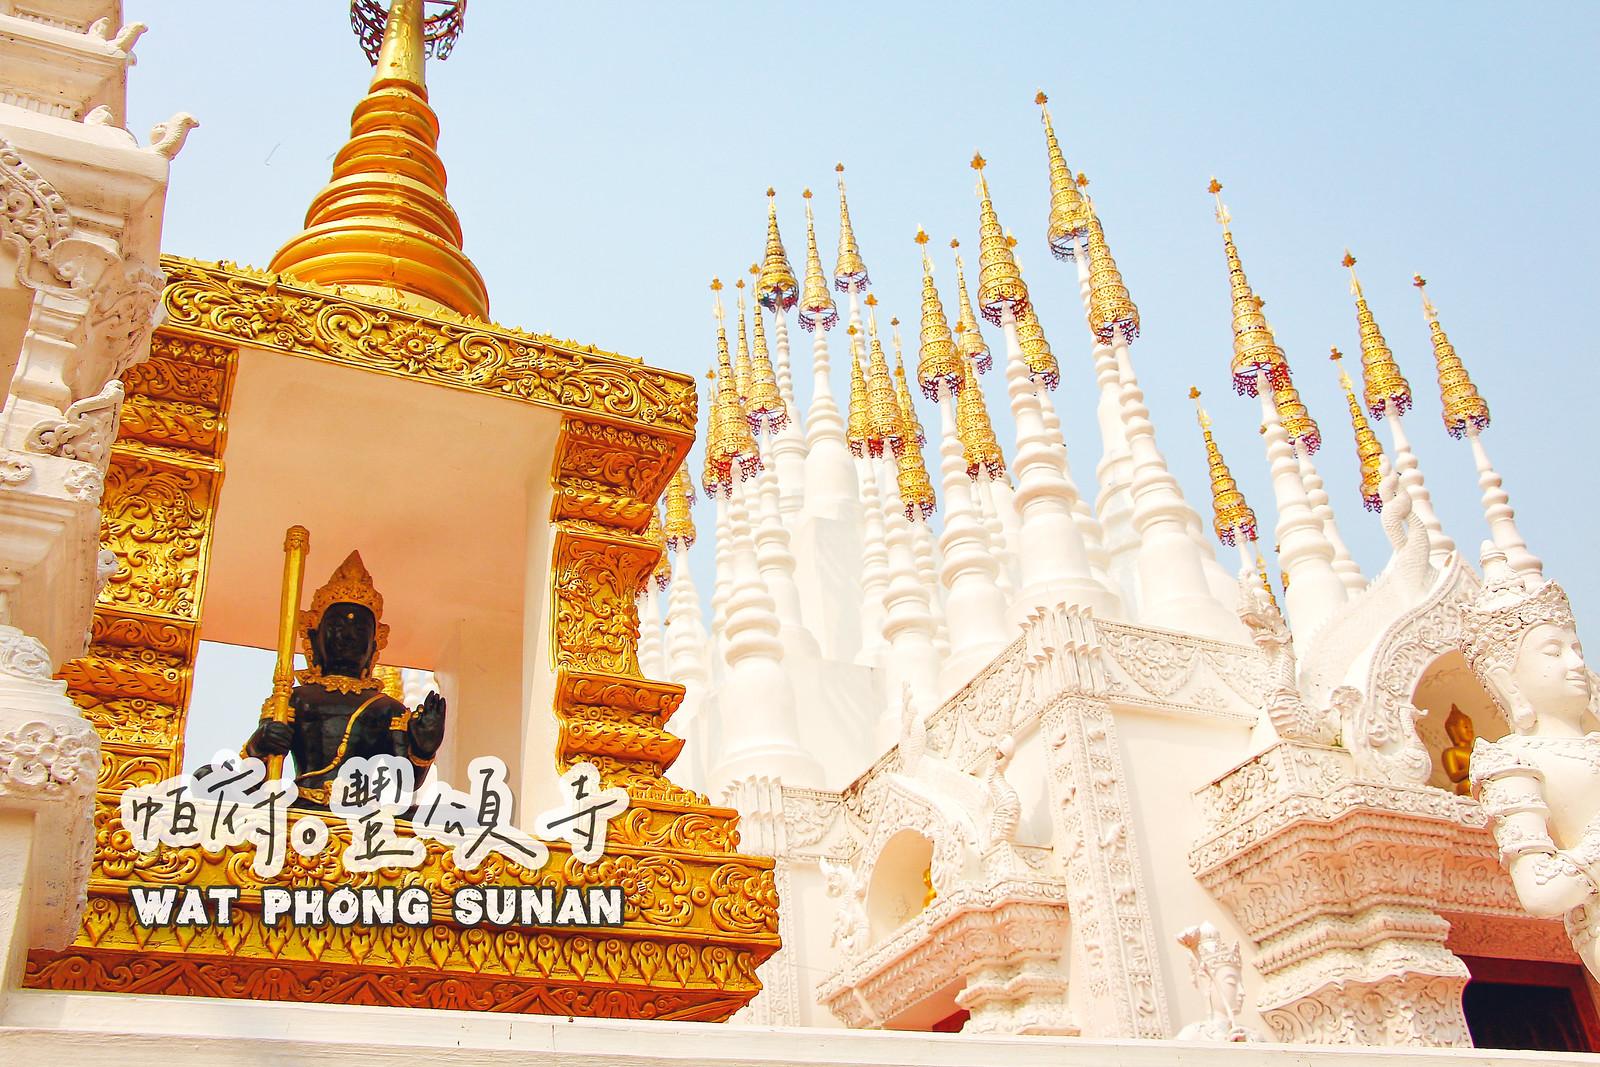 帕府。佛教印度教合一的「豐頌寺 วัดพงษ์สุนันท์ Wat Phong Sunan」